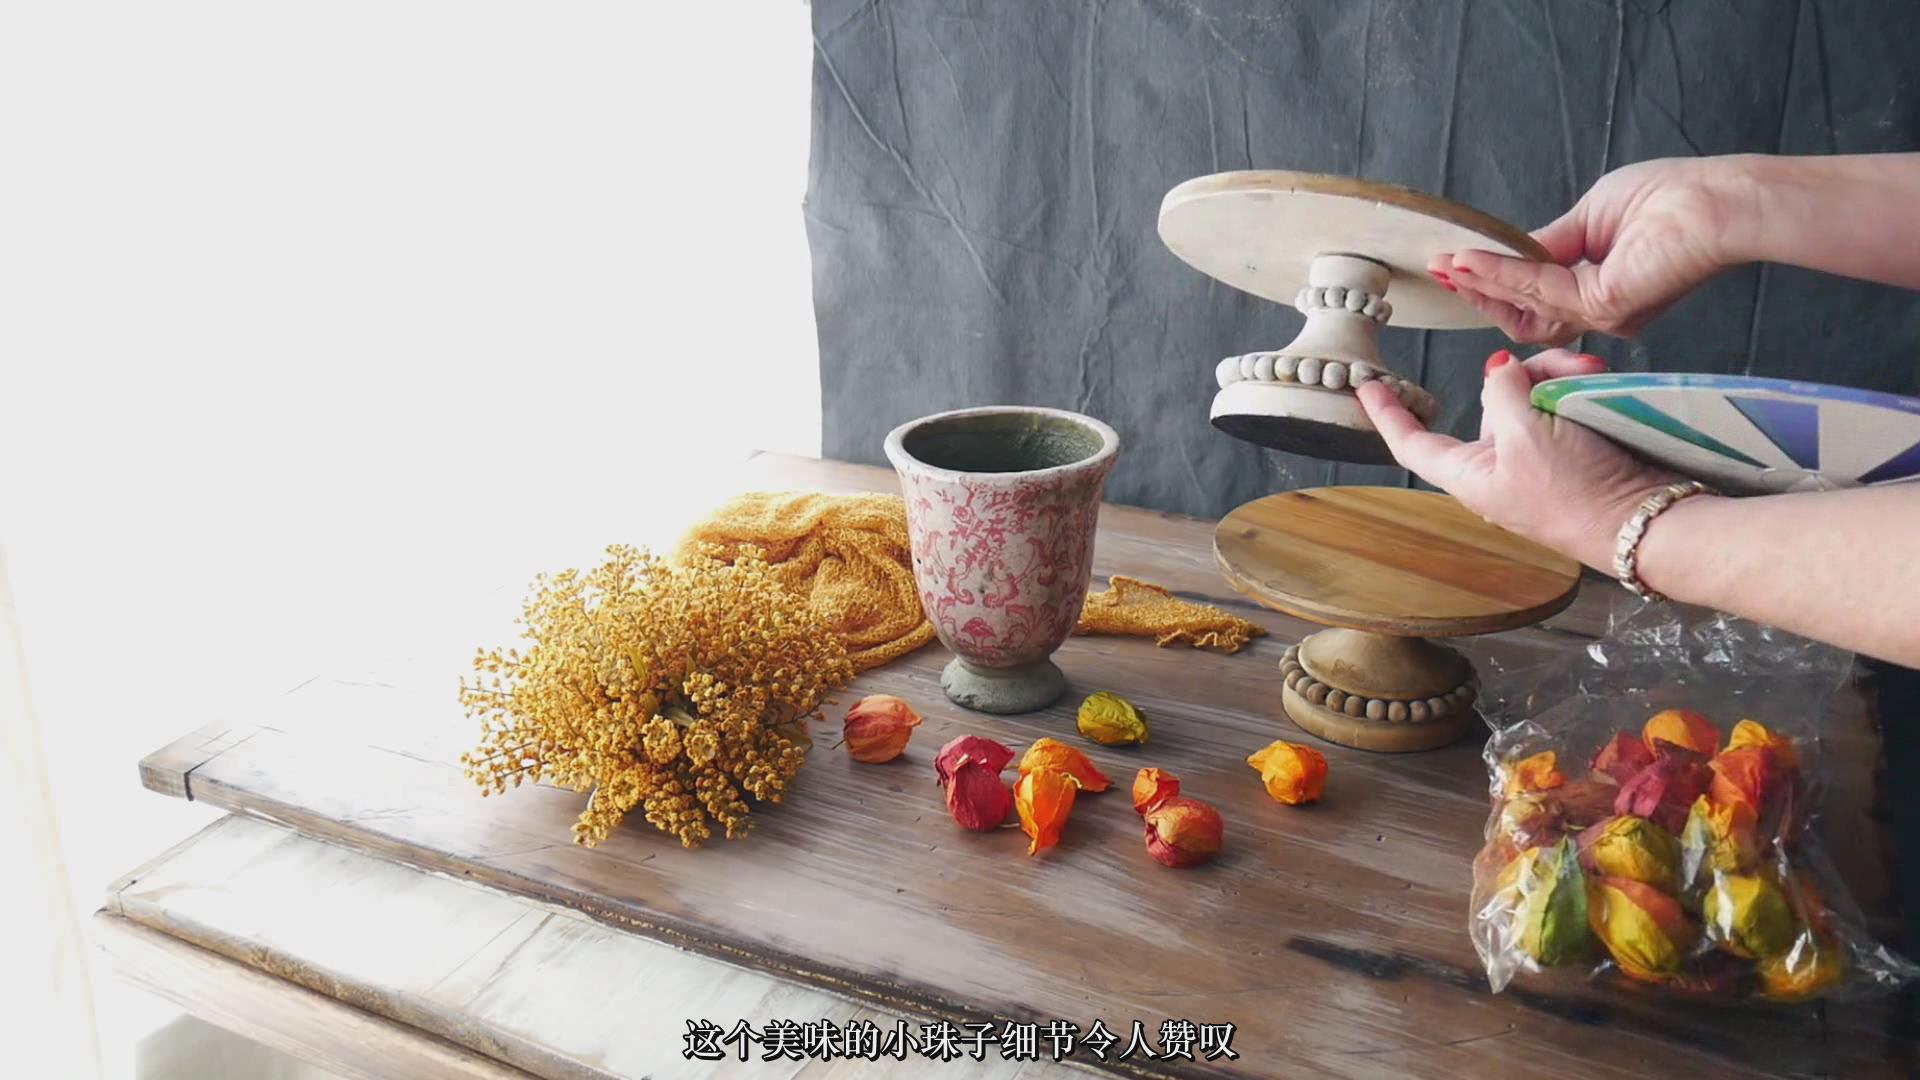 摄影教程_Lenslab –静物花卉产品摄影掌握色彩突破艺术界限研讨会-中文字幕 摄影教程 _预览图15